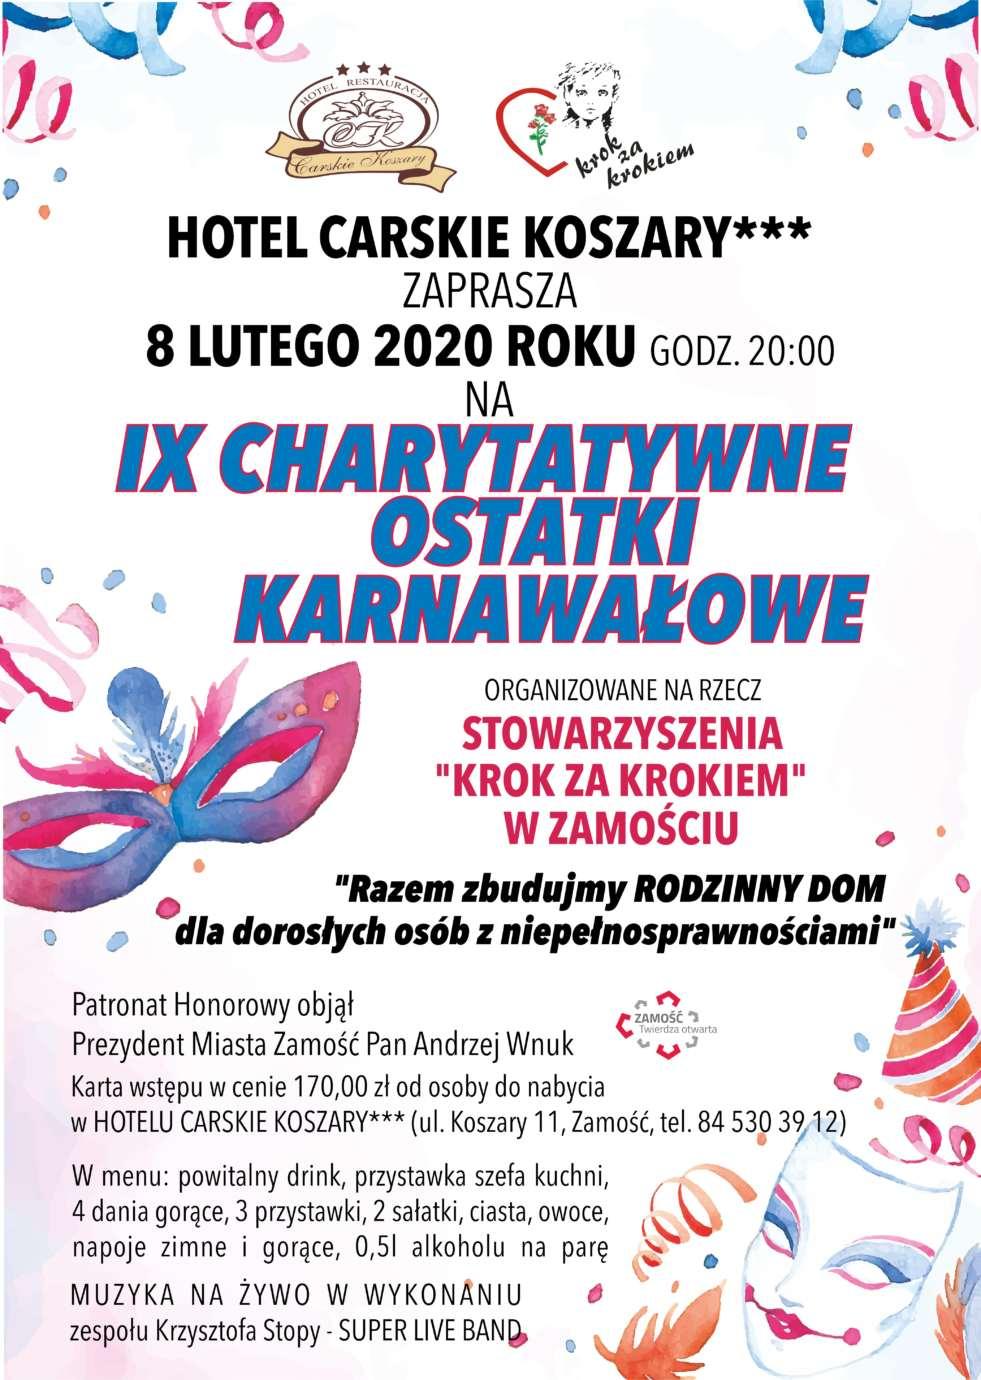 plakat ostatki 2020 luty Zamość: Charytatywne Ostatki Karnawałowe. Wspaniała zabawa i szczytny cel